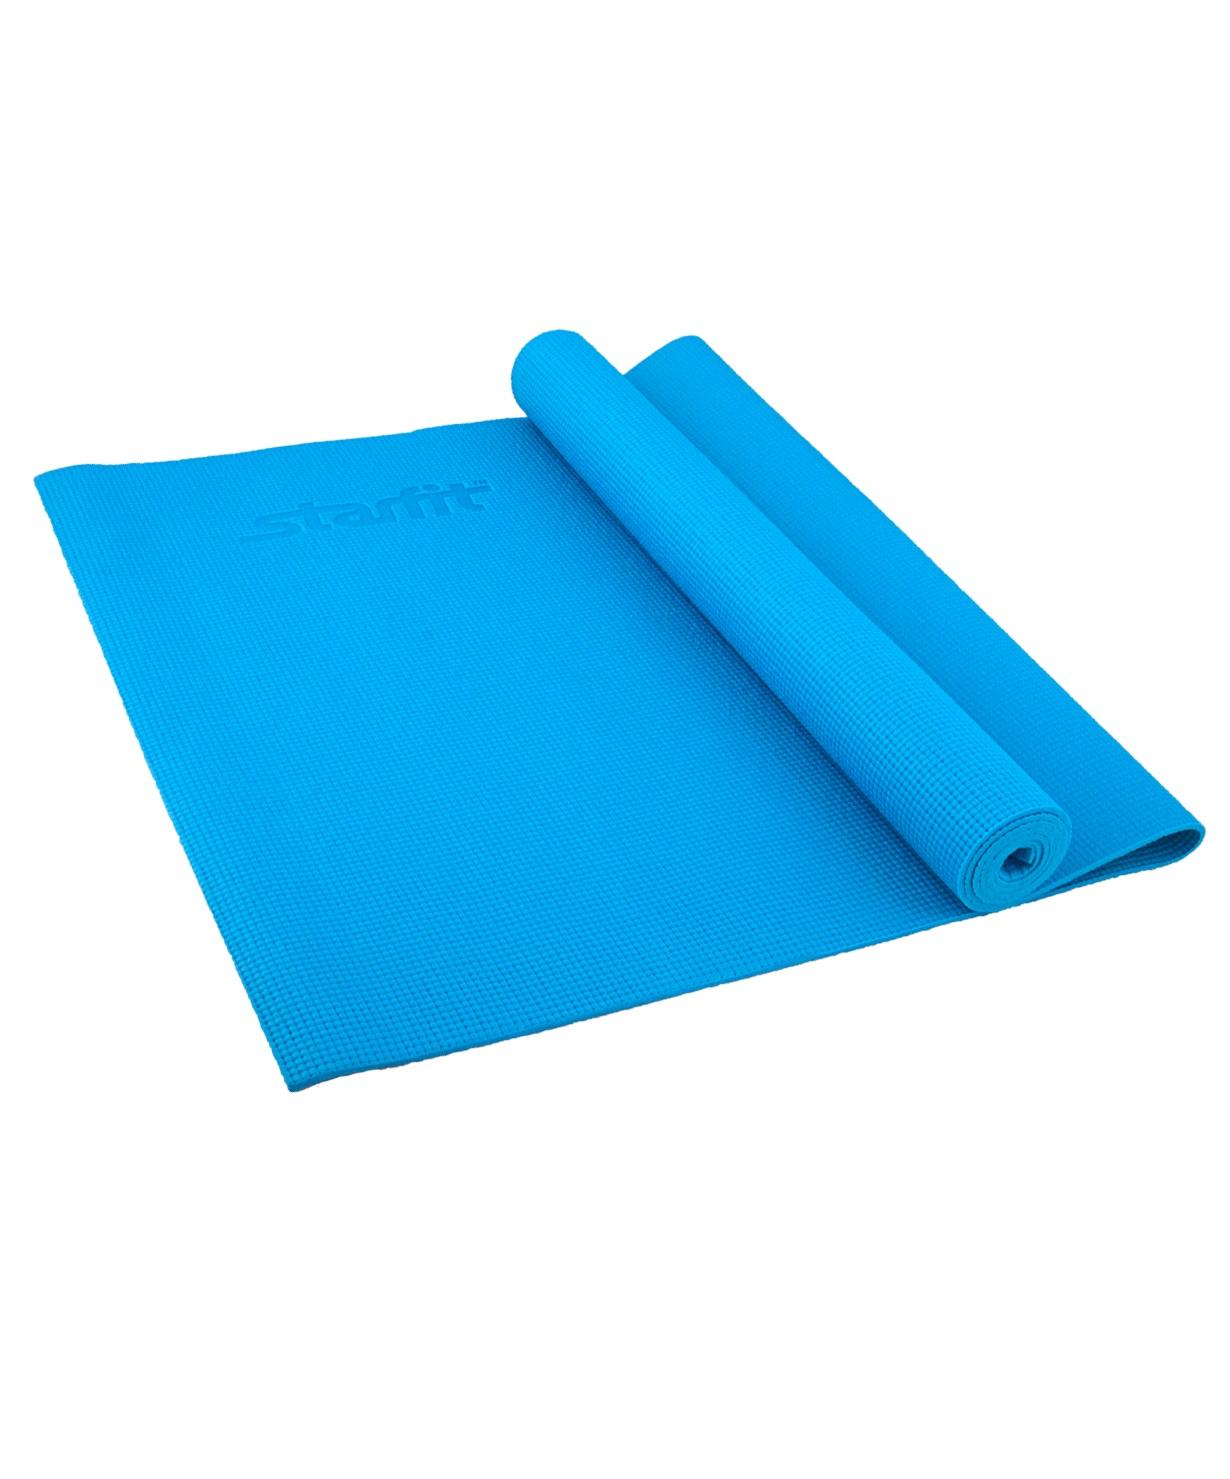 Коврик для йоги FM 101, PVC, 173x61x0,5